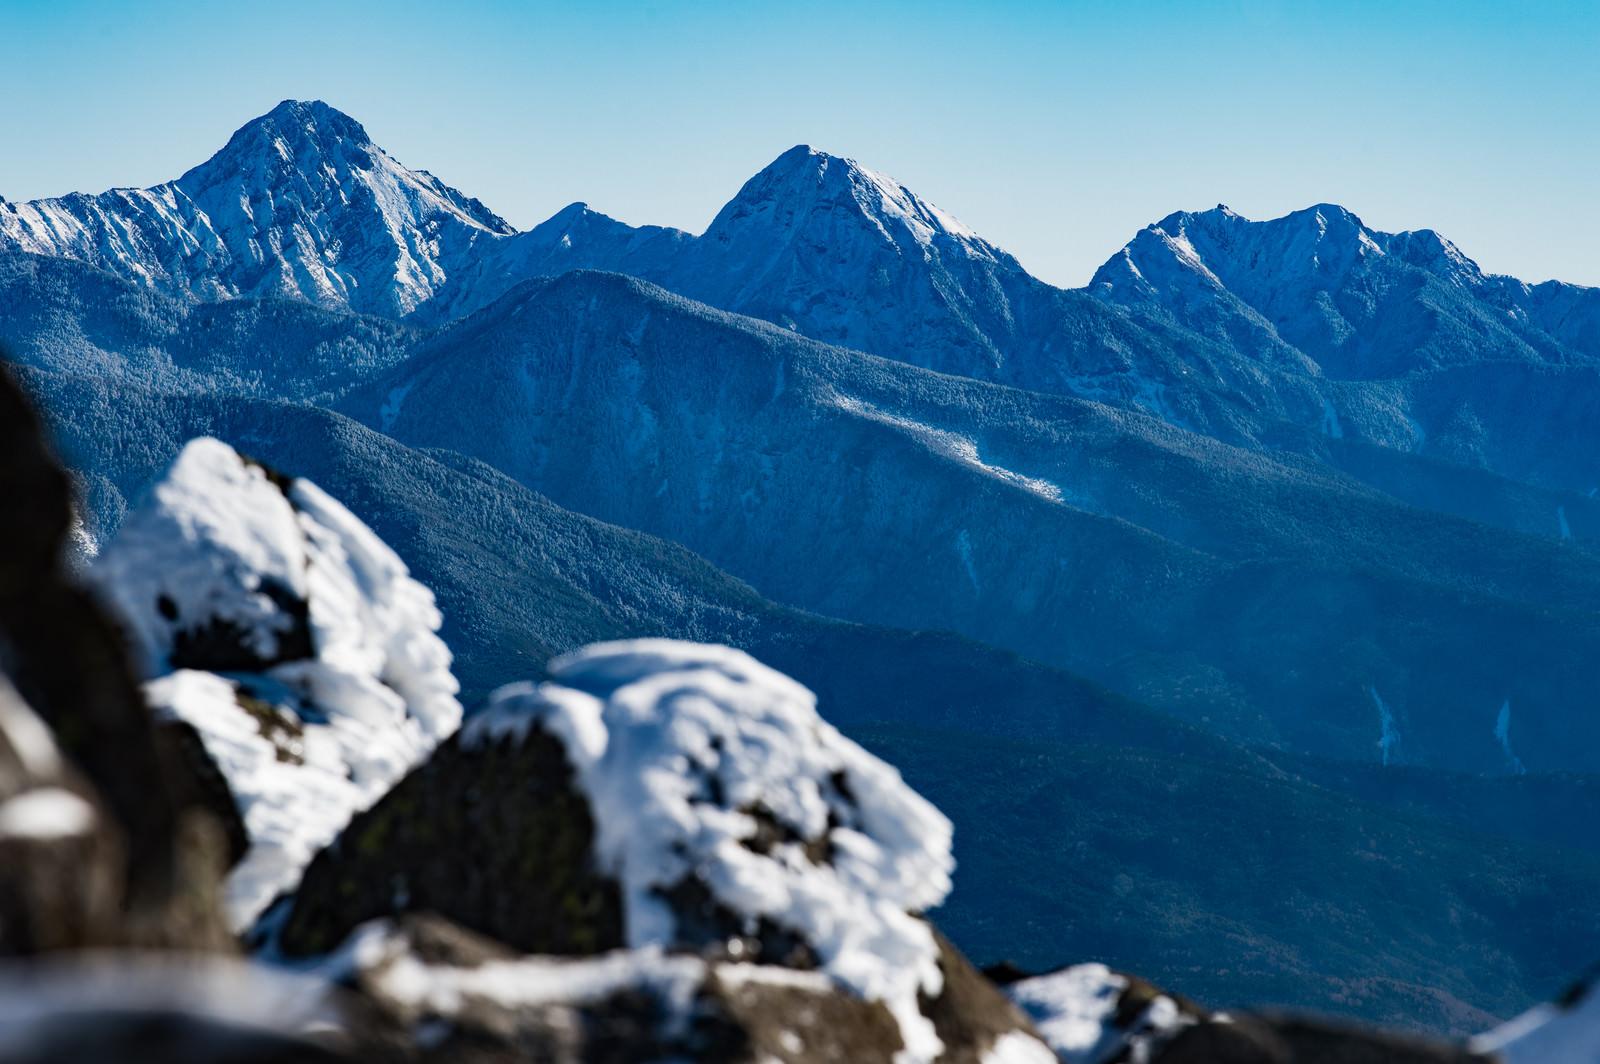 「蓼科山山頂から望む厳冬期八ヶ岳連峰蓼科山山頂から望む厳冬期八ヶ岳連峰」のフリー写真素材を拡大